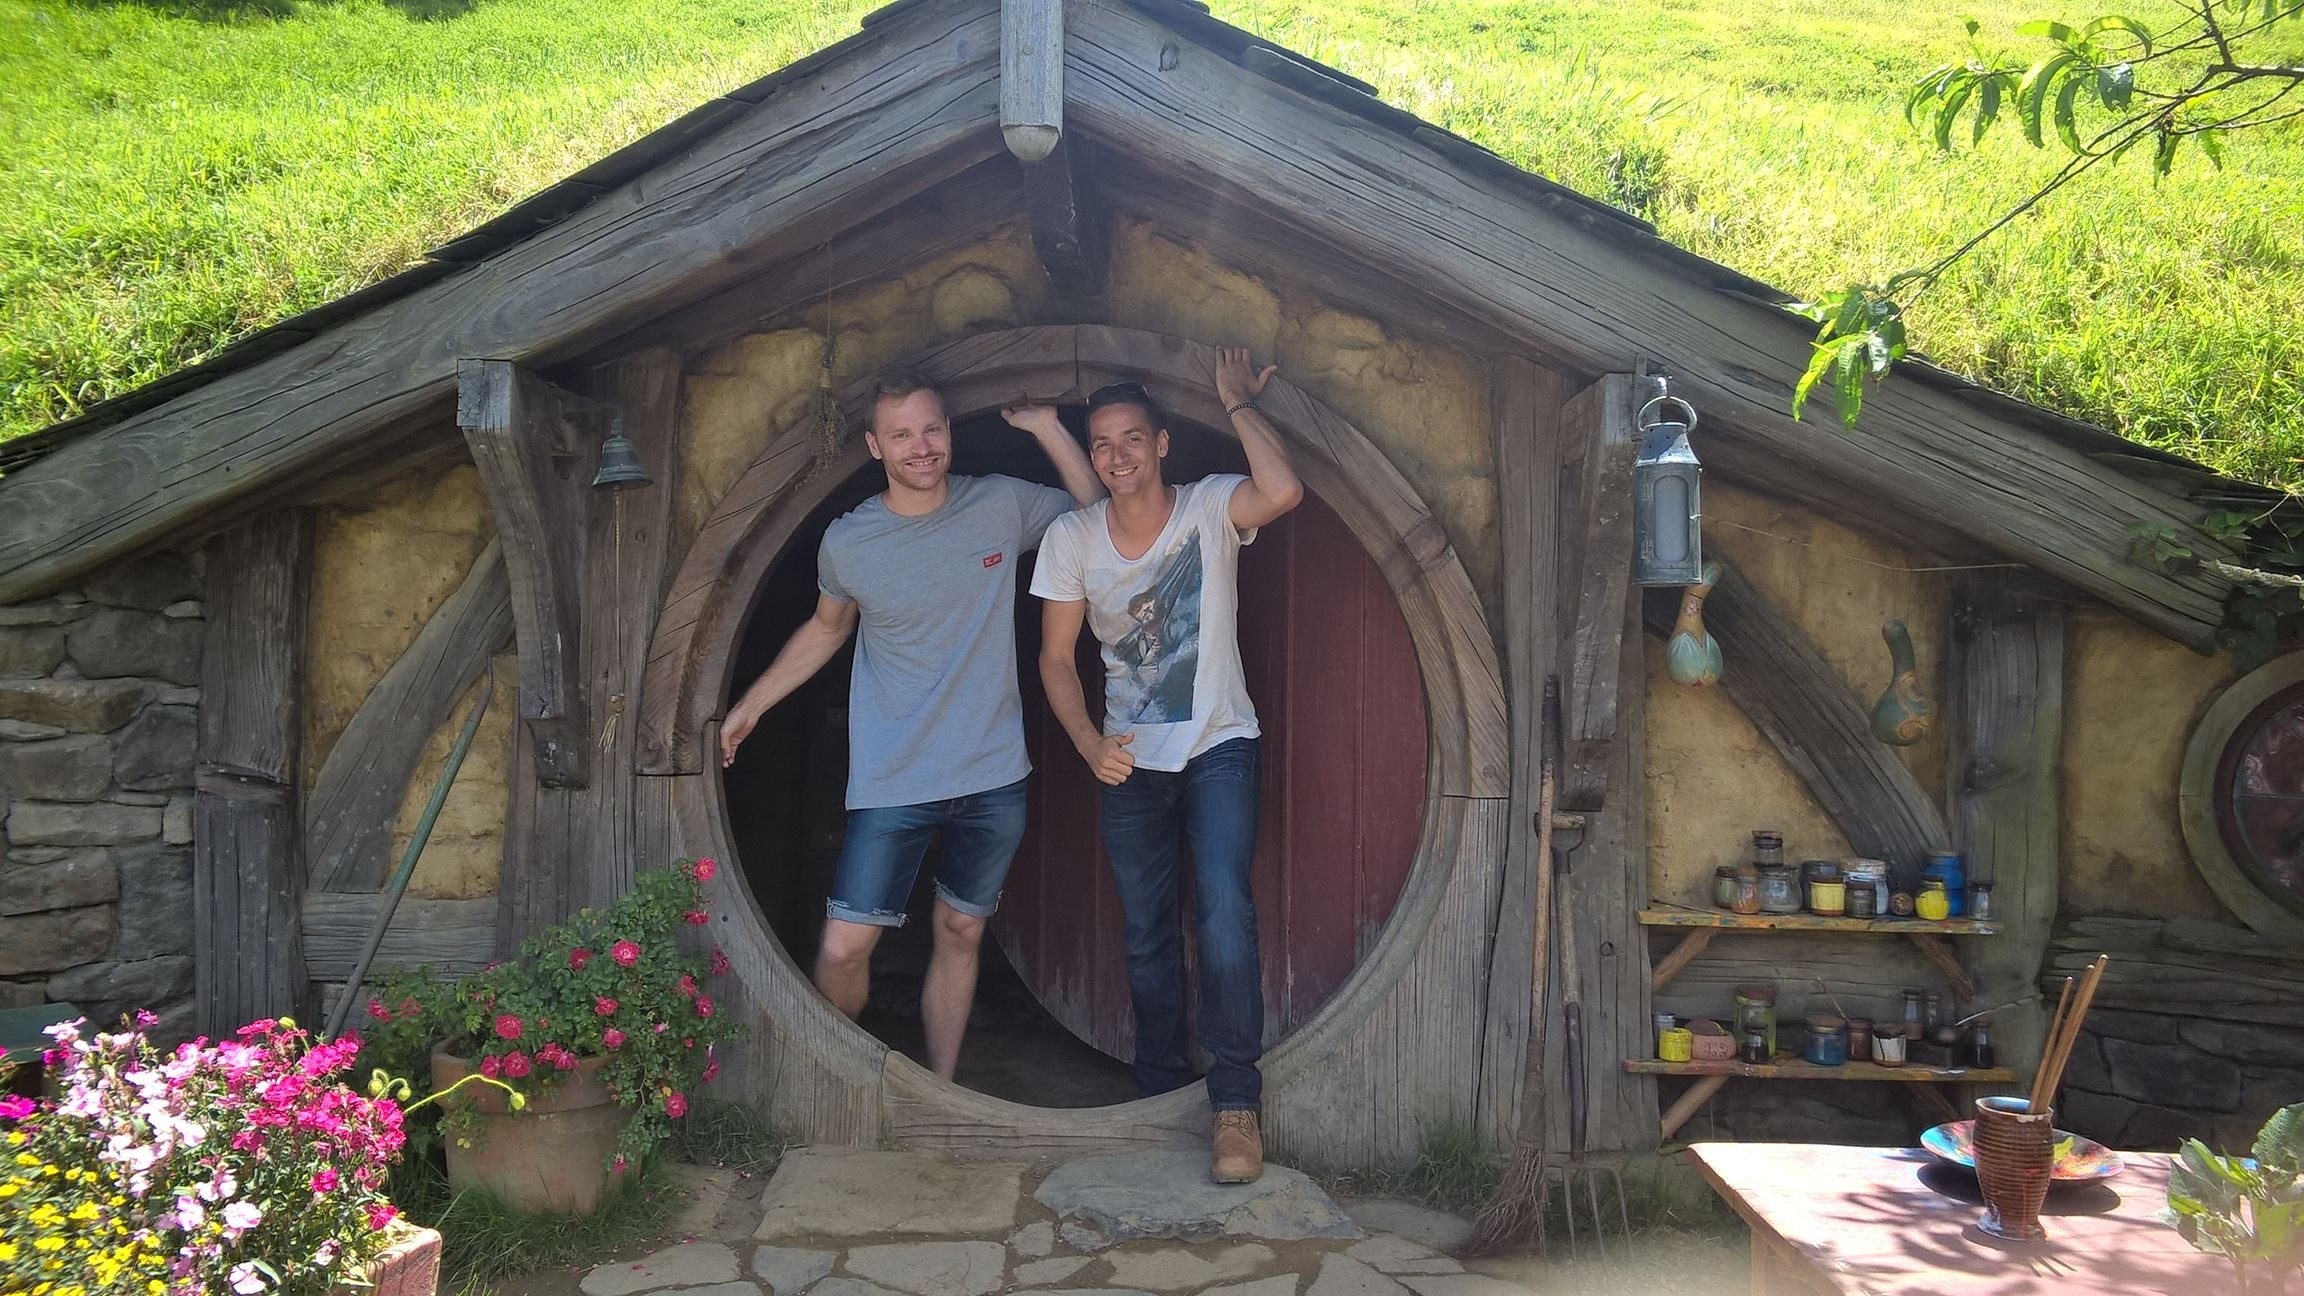 Nick und ich kommen gerade aus der Hobbit-Höhle